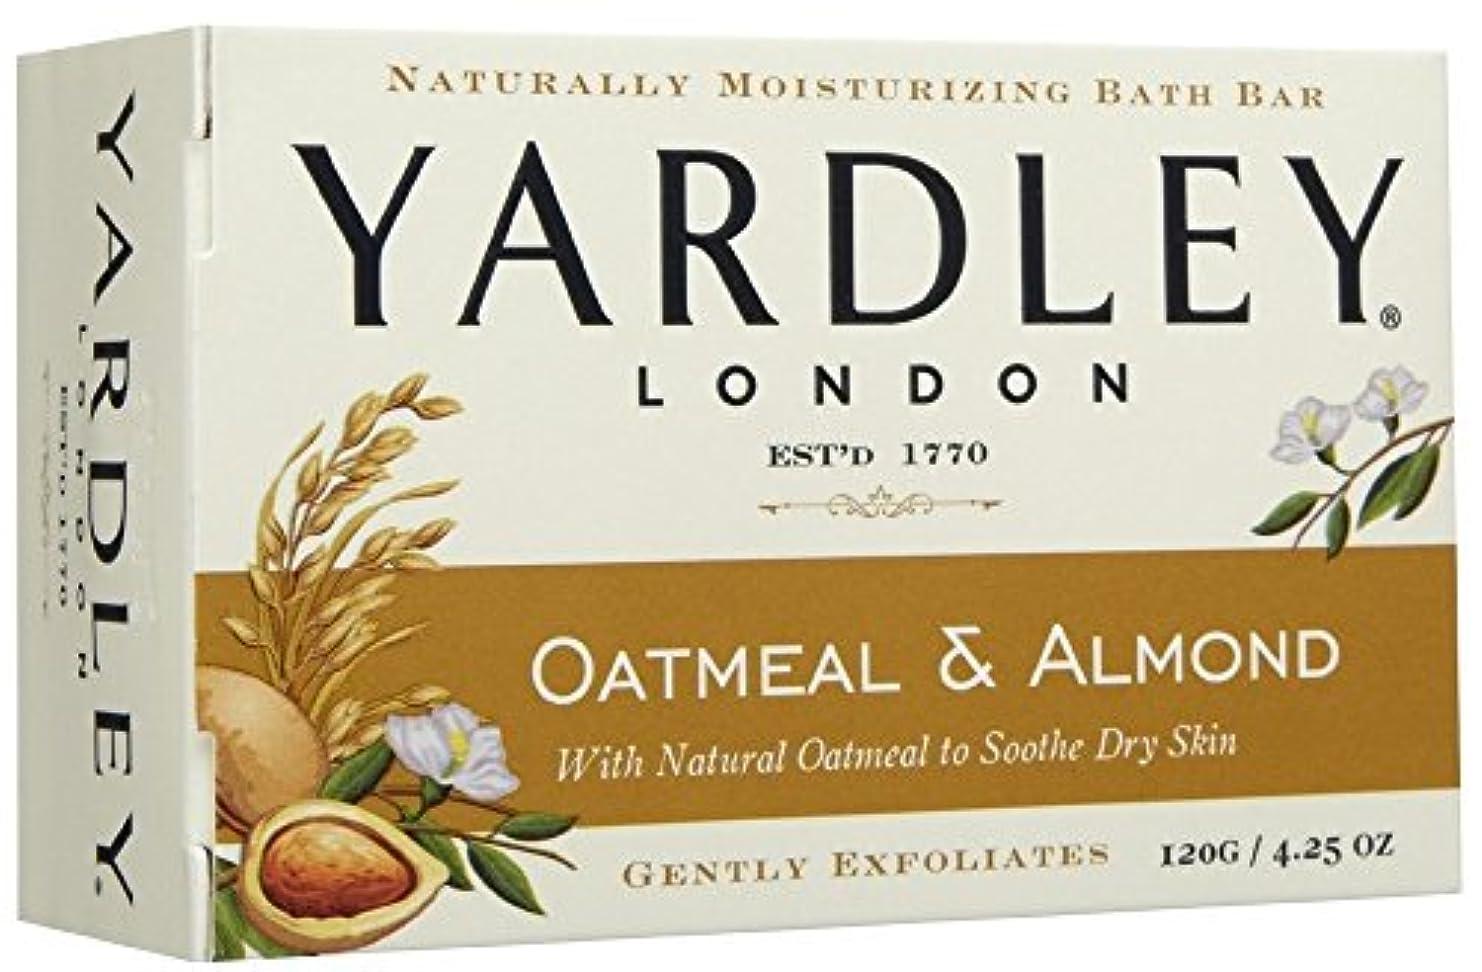 私毛皮終了するYardley ロンドンオートミール&アーモンド当然モイスチャライジングシャワーバー